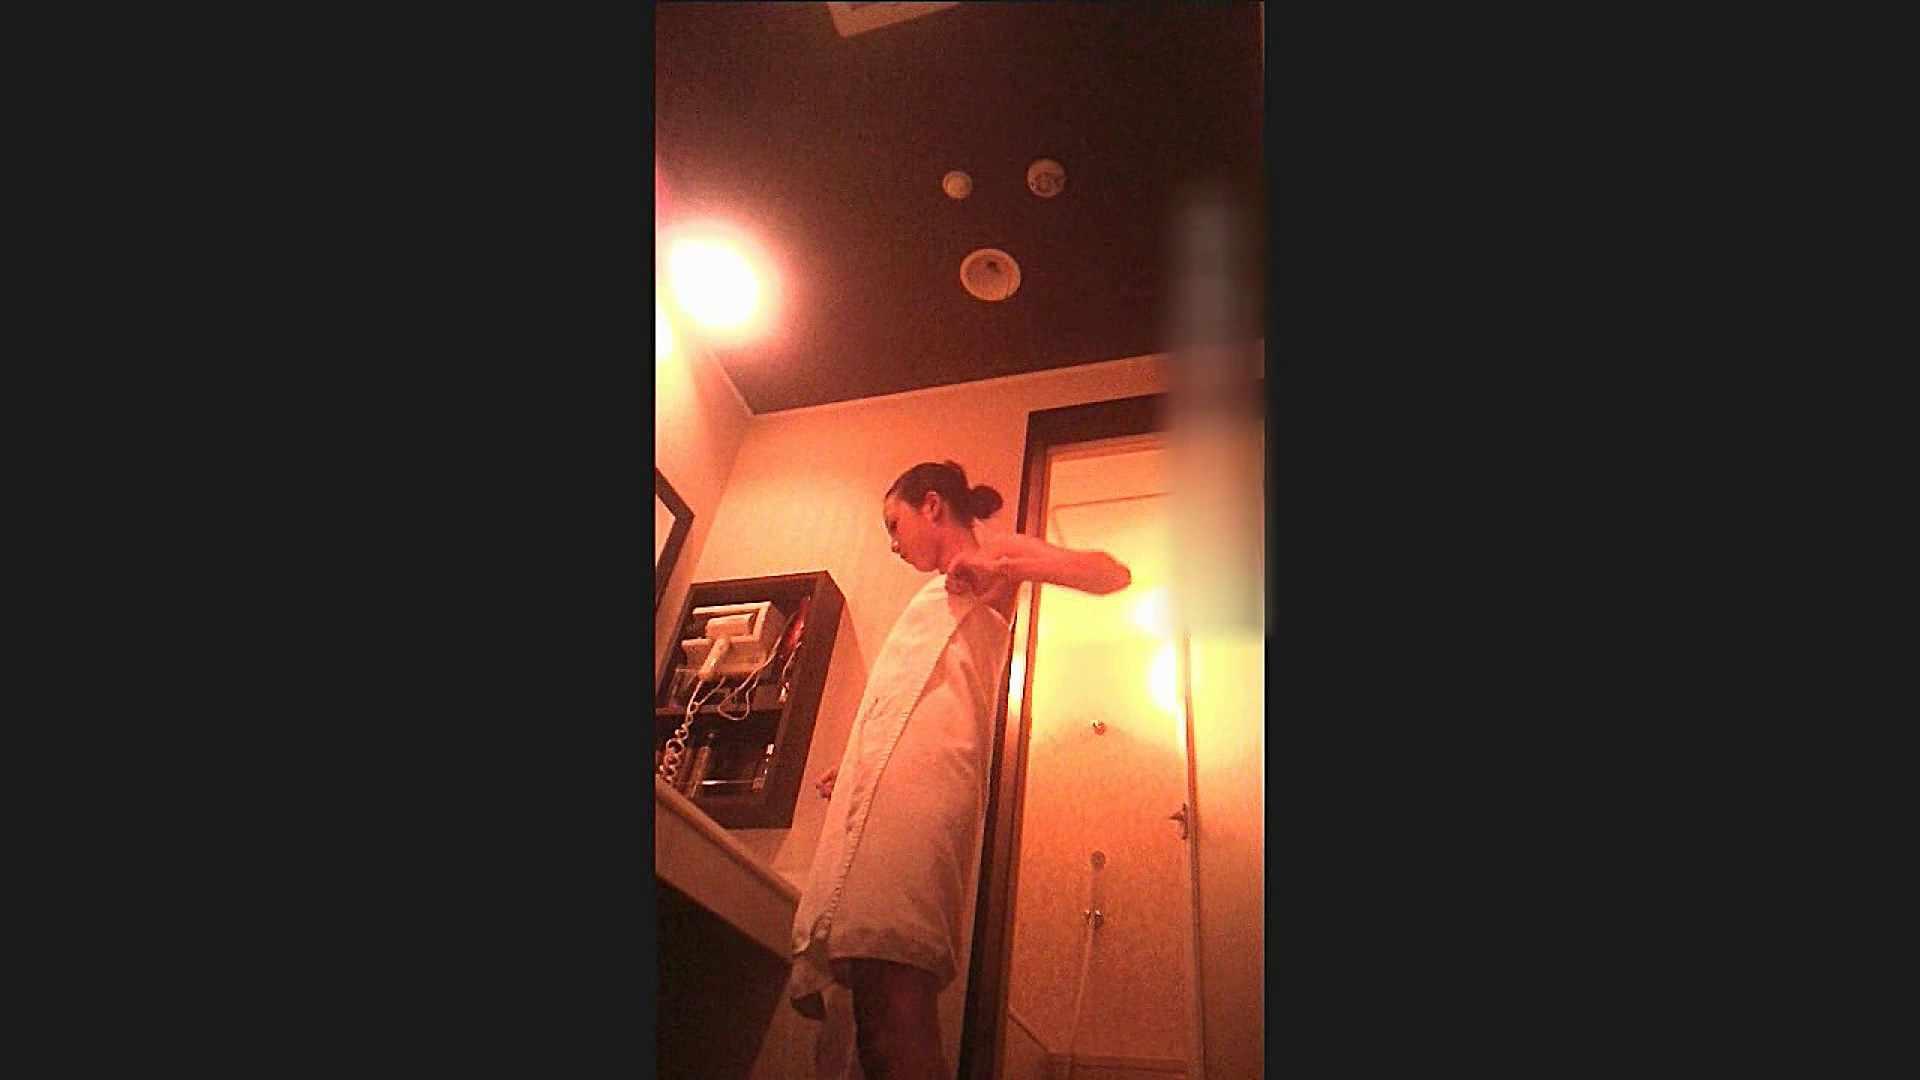 厚化粧はこの日だけ。。 ひまるちゃん Vol. 20  脱衣編 細身体型 おめこ無修正動画無料 109枚 109